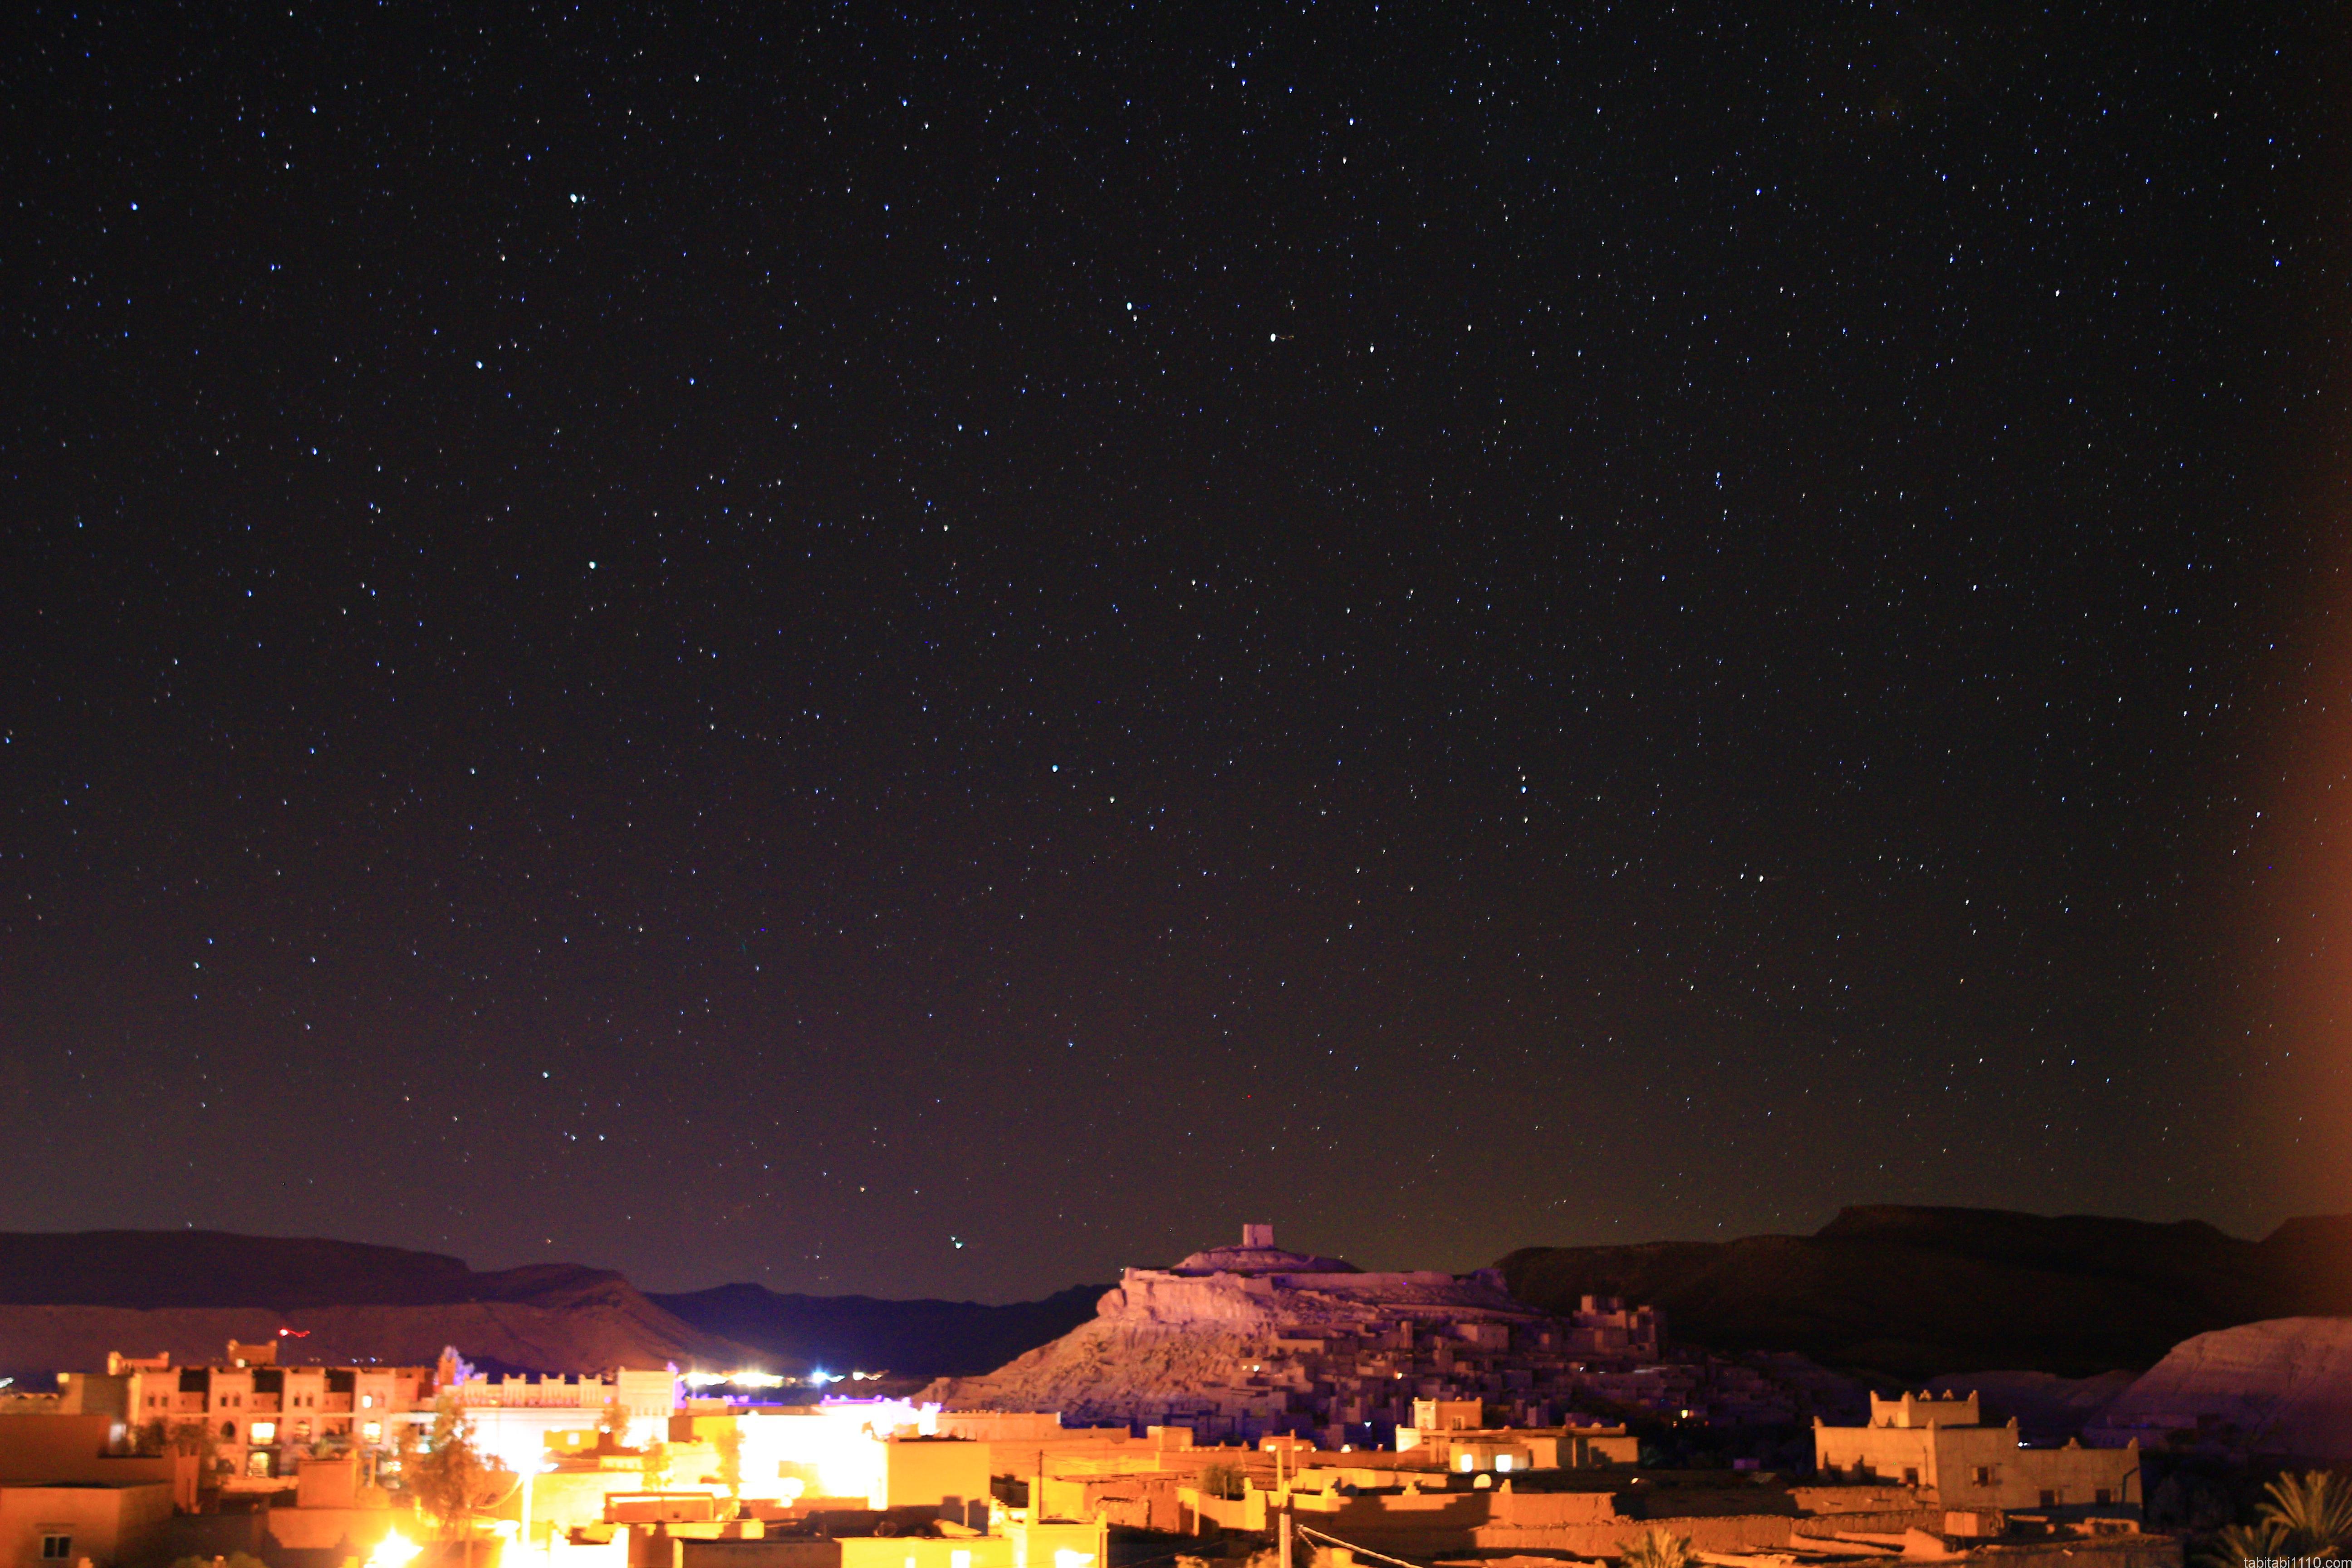 アイットベンハドゥの集落の夜景